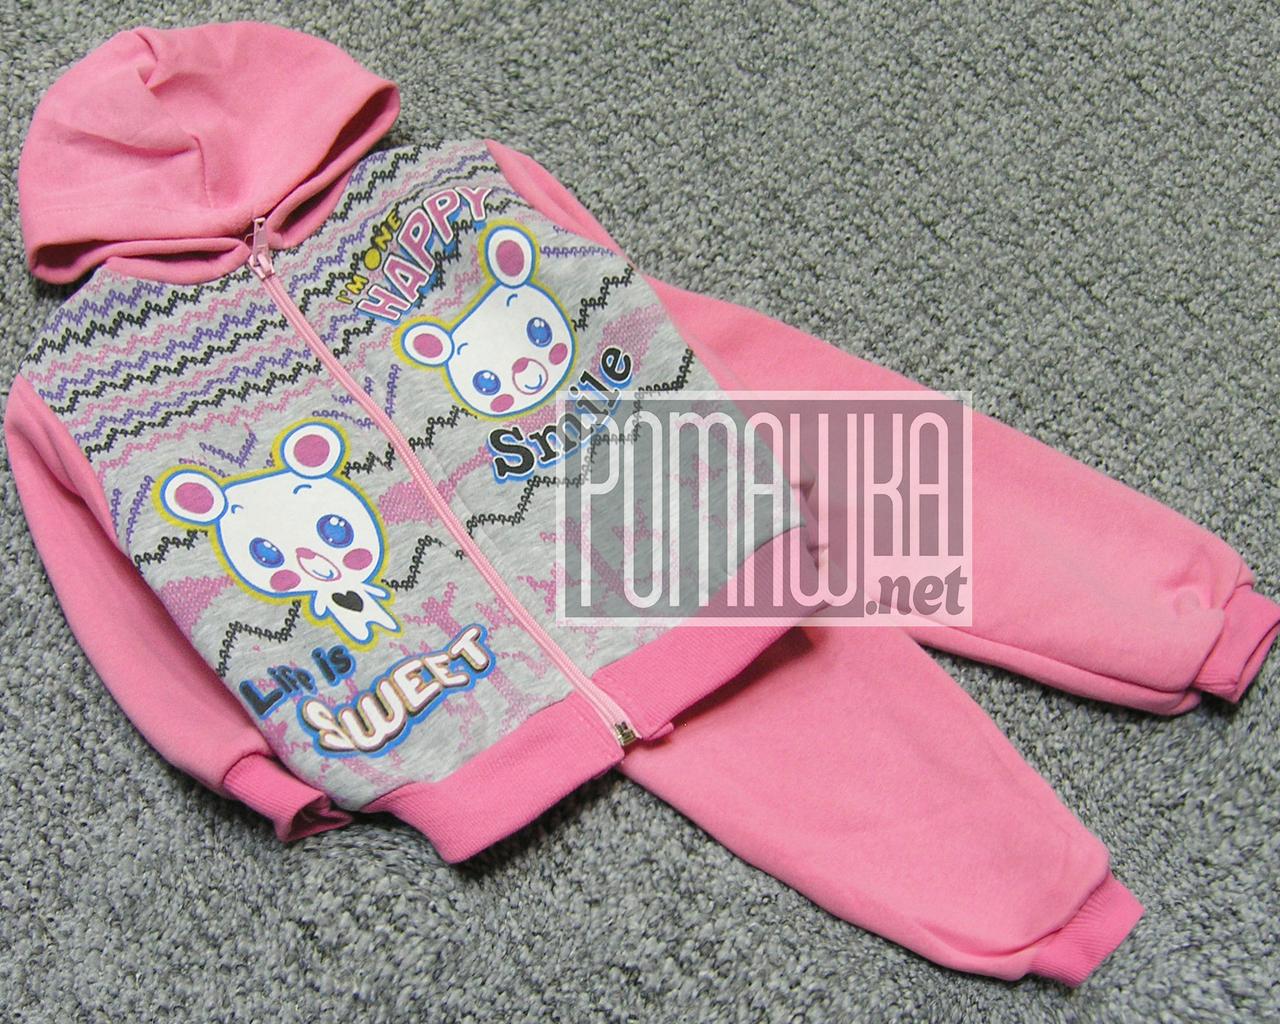 Зимний тёплый 80 7-9 мес детский спортивный костюм для девочки детей начёс флис зима ТРЕХНИТКА 4830 Розовый